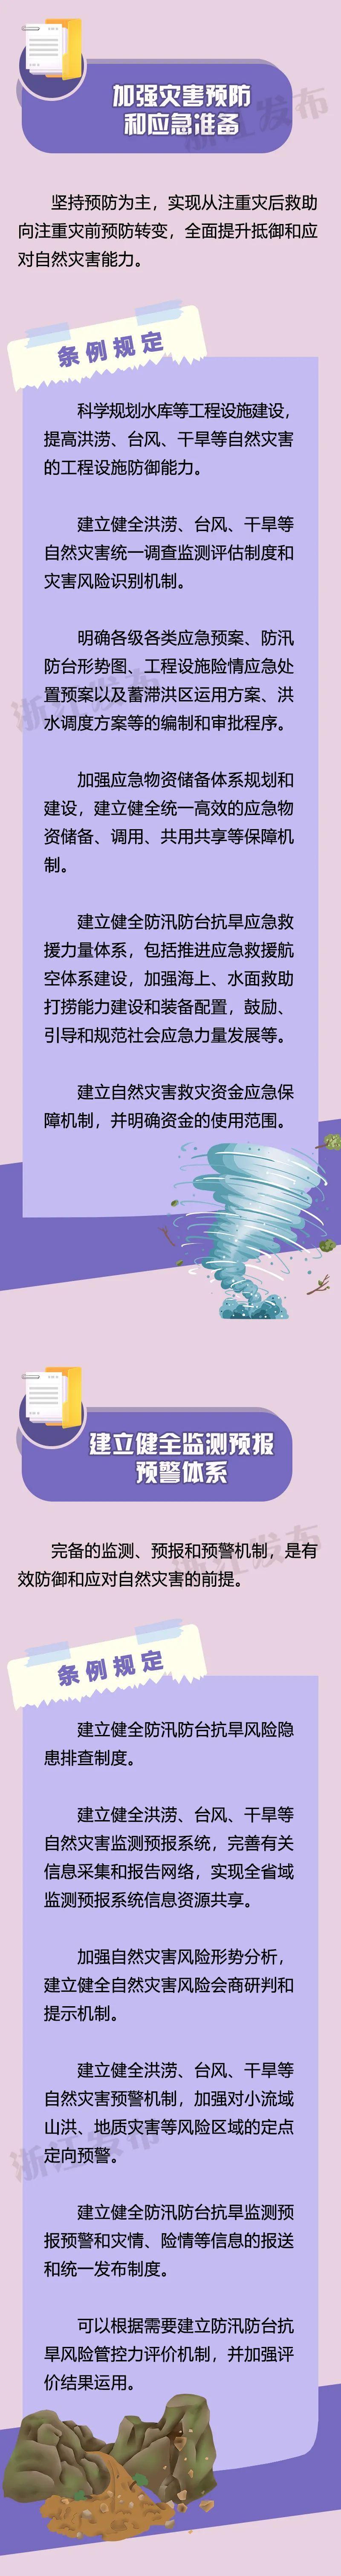 浙江省通过了修订后的《浙江省防汛防台抗旱条例》,7月1日起实施!图3